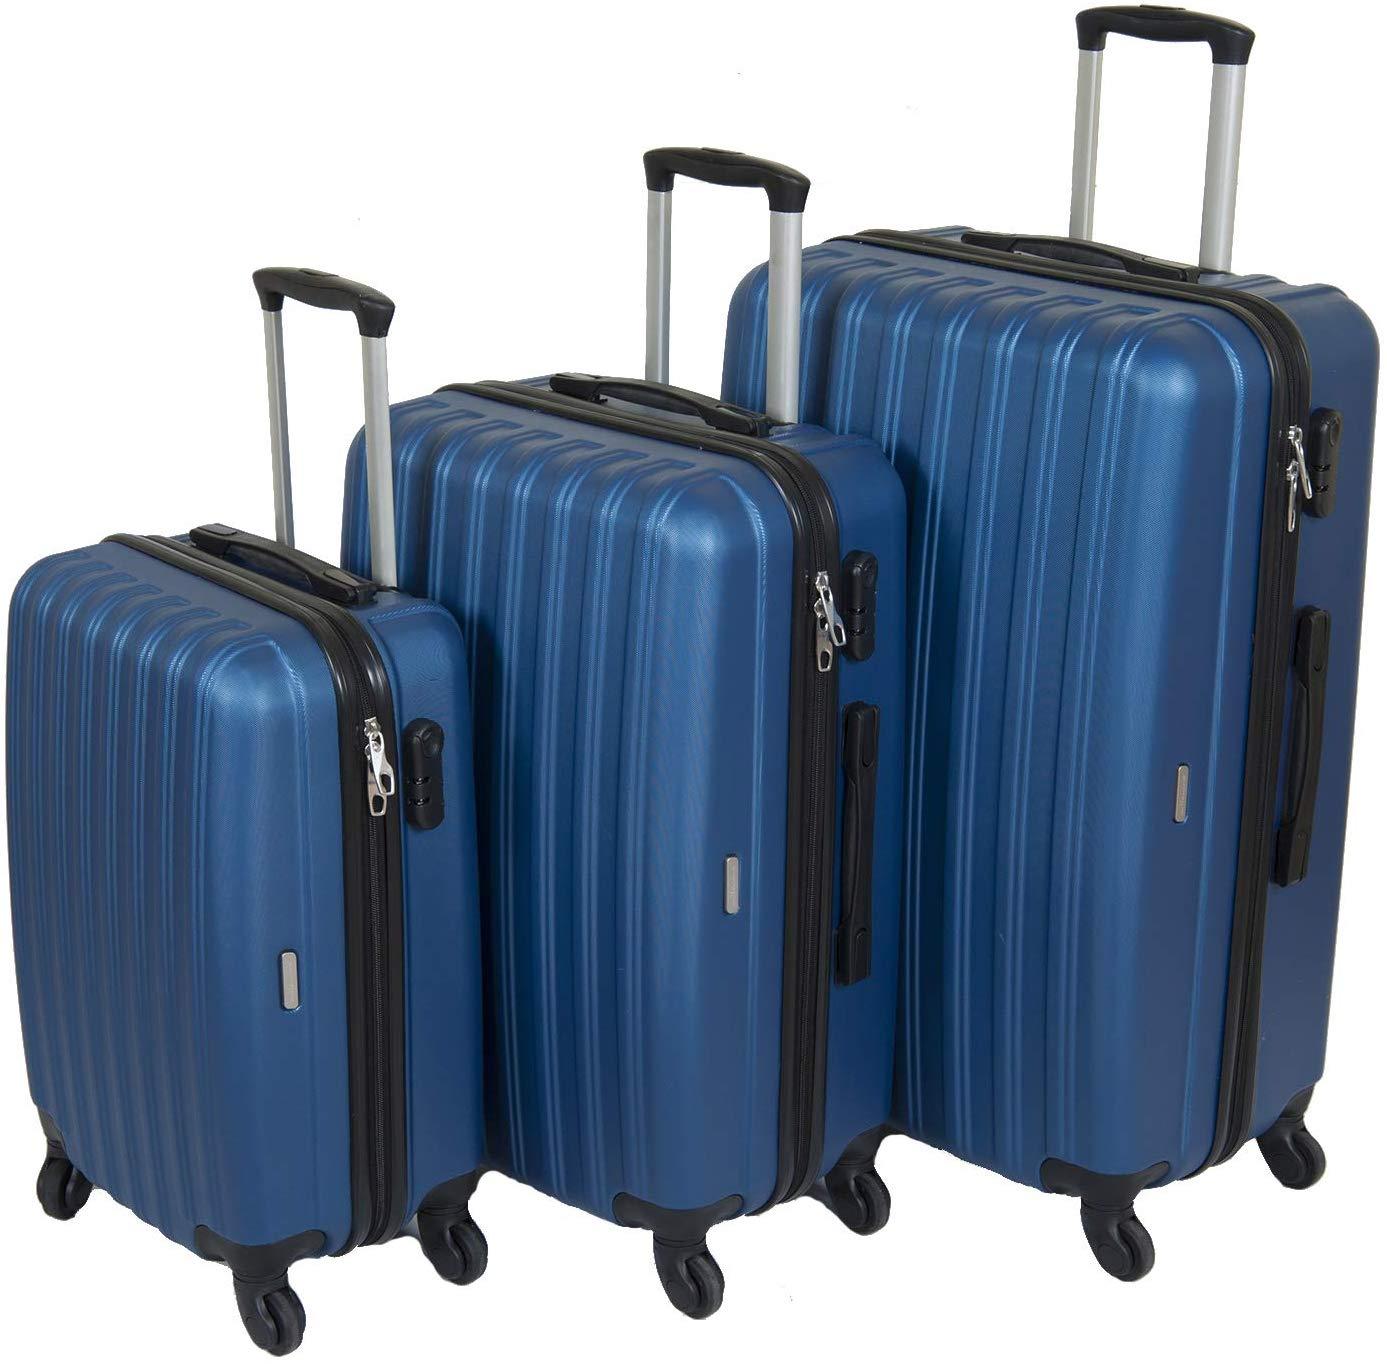 3er Kofferset Reisekoffer Hartschalenkoffer für nur 54,90 Euro inkl. Versand